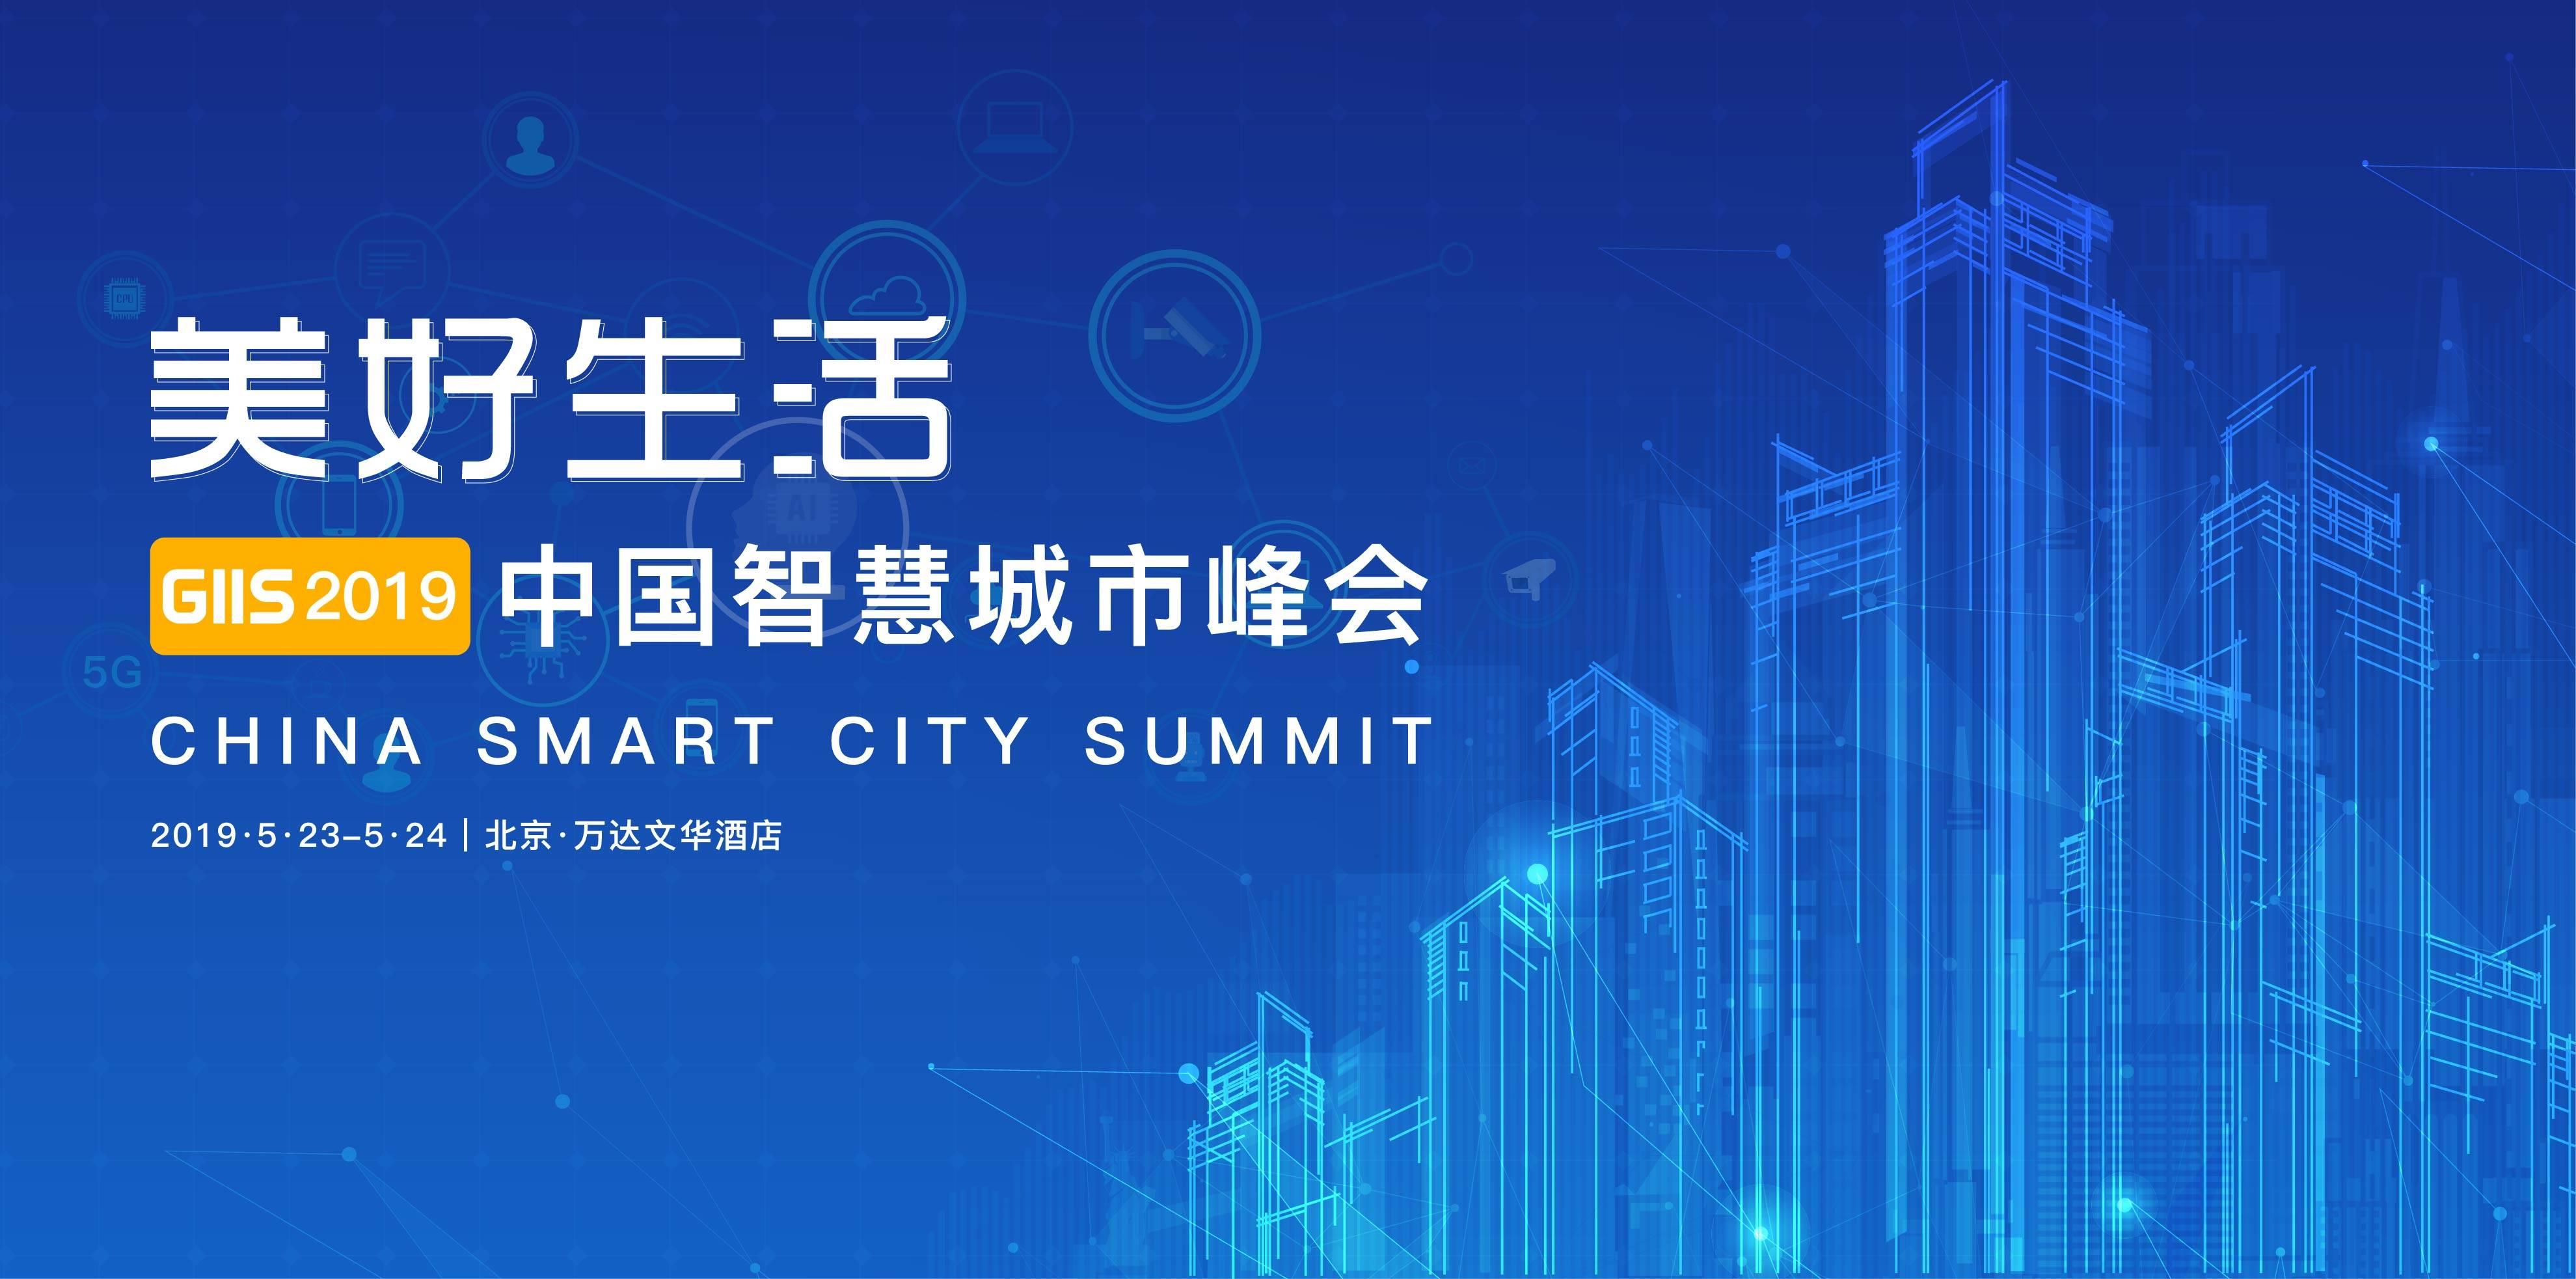 【活动】【美好生活】GIIS2019·中国智慧城市峰会-9号彩票亿欧